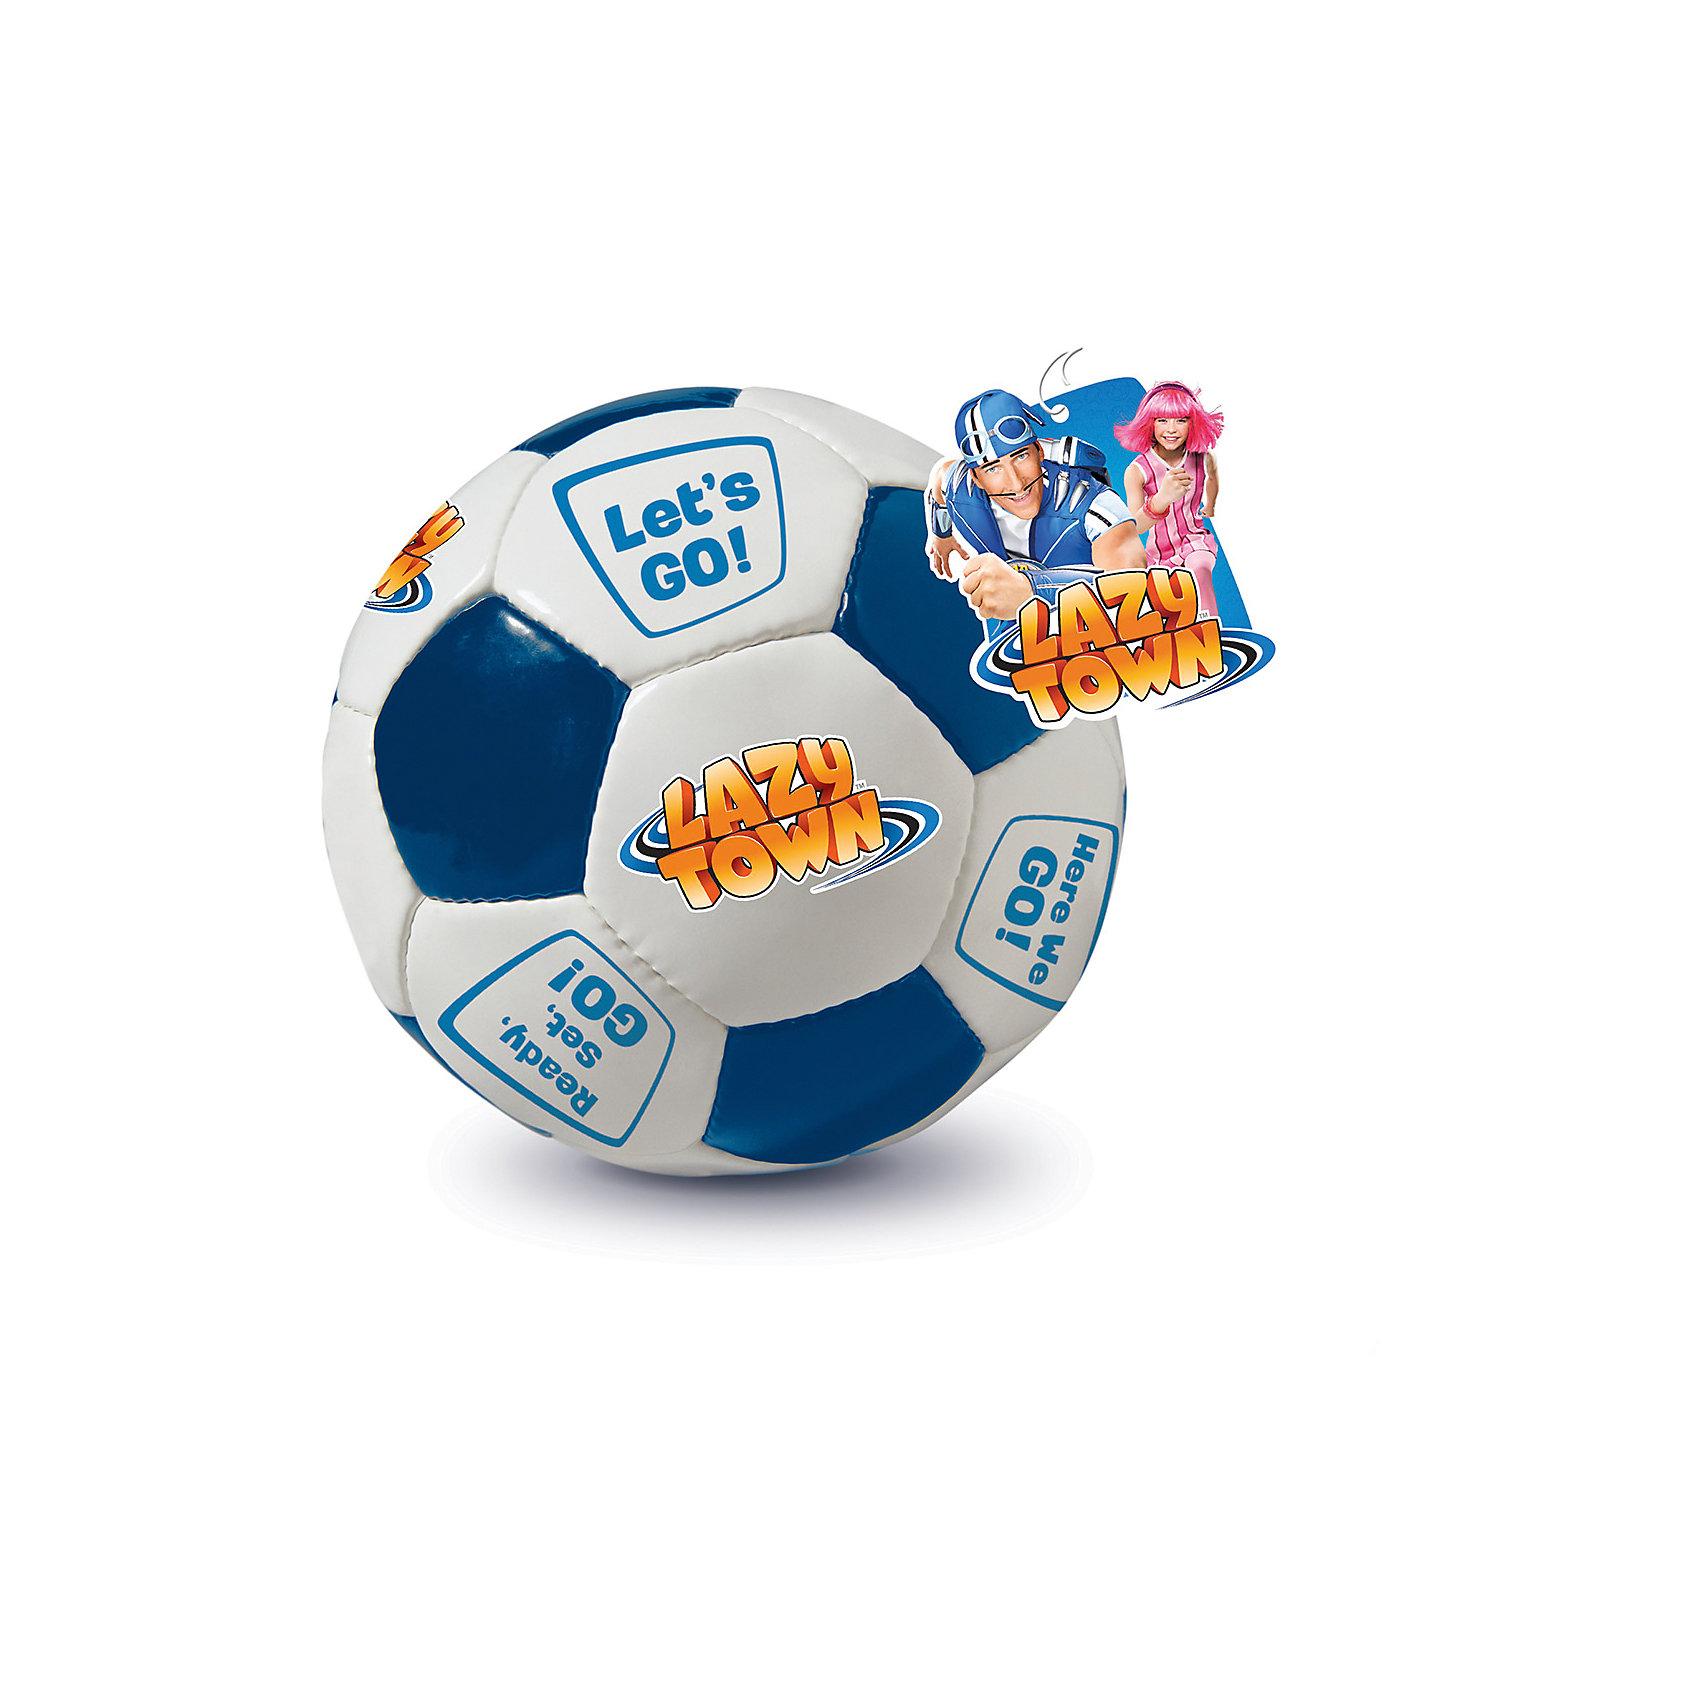 Футбольный мяч Lazy Town Here We GO!, ЛетоФутбольный мяч Lazy Town Here We GO! вдохновит ребенка на новые активные игры. Мяч изготовлен из качественных материалов, обеспечивающих высокую прочность. Мяч от героев телепередачи Лентяево имеет приятную расцветку и мотивирующие надписи. Играть с таким мячом - одно удовольствие!<br><br>Дополнительная информация:<br>Вес: 400 грамм<br>Футбольный мяч Lazy Town Here We GO! вы можете купить в нашем интернет-магазине.<br><br>Ширина мм: 500<br>Глубина мм: 500<br>Высота мм: 500<br>Вес г: 400<br>Возраст от месяцев: 36<br>Возраст до месяцев: 192<br>Пол: Мужской<br>Возраст: Детский<br>SKU: 4753593